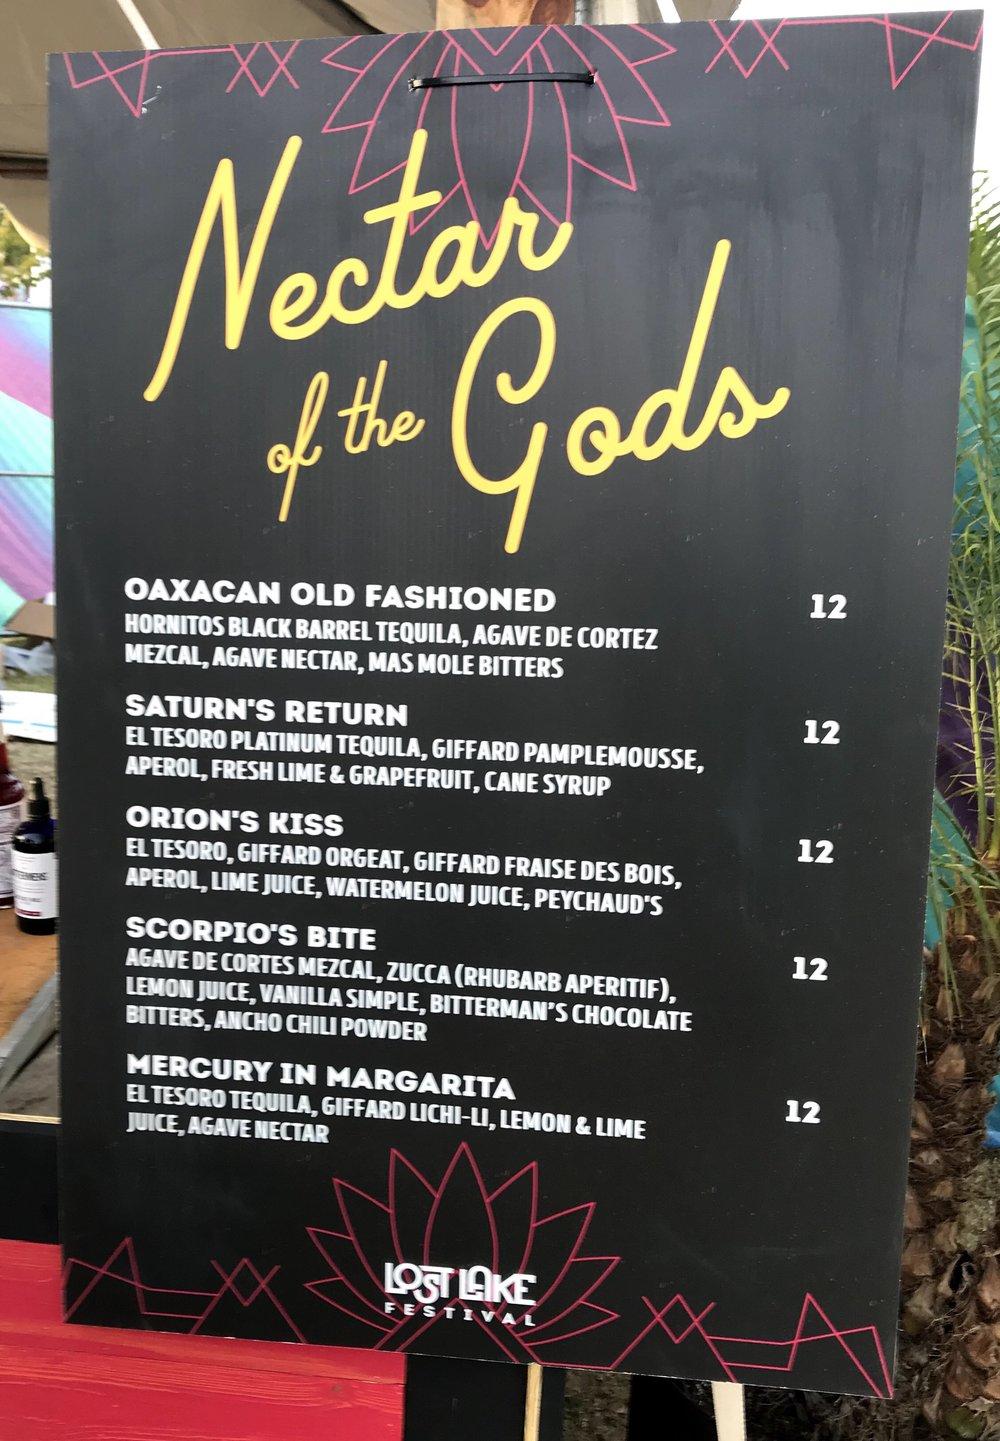 Nectar Gods_menu.jpg